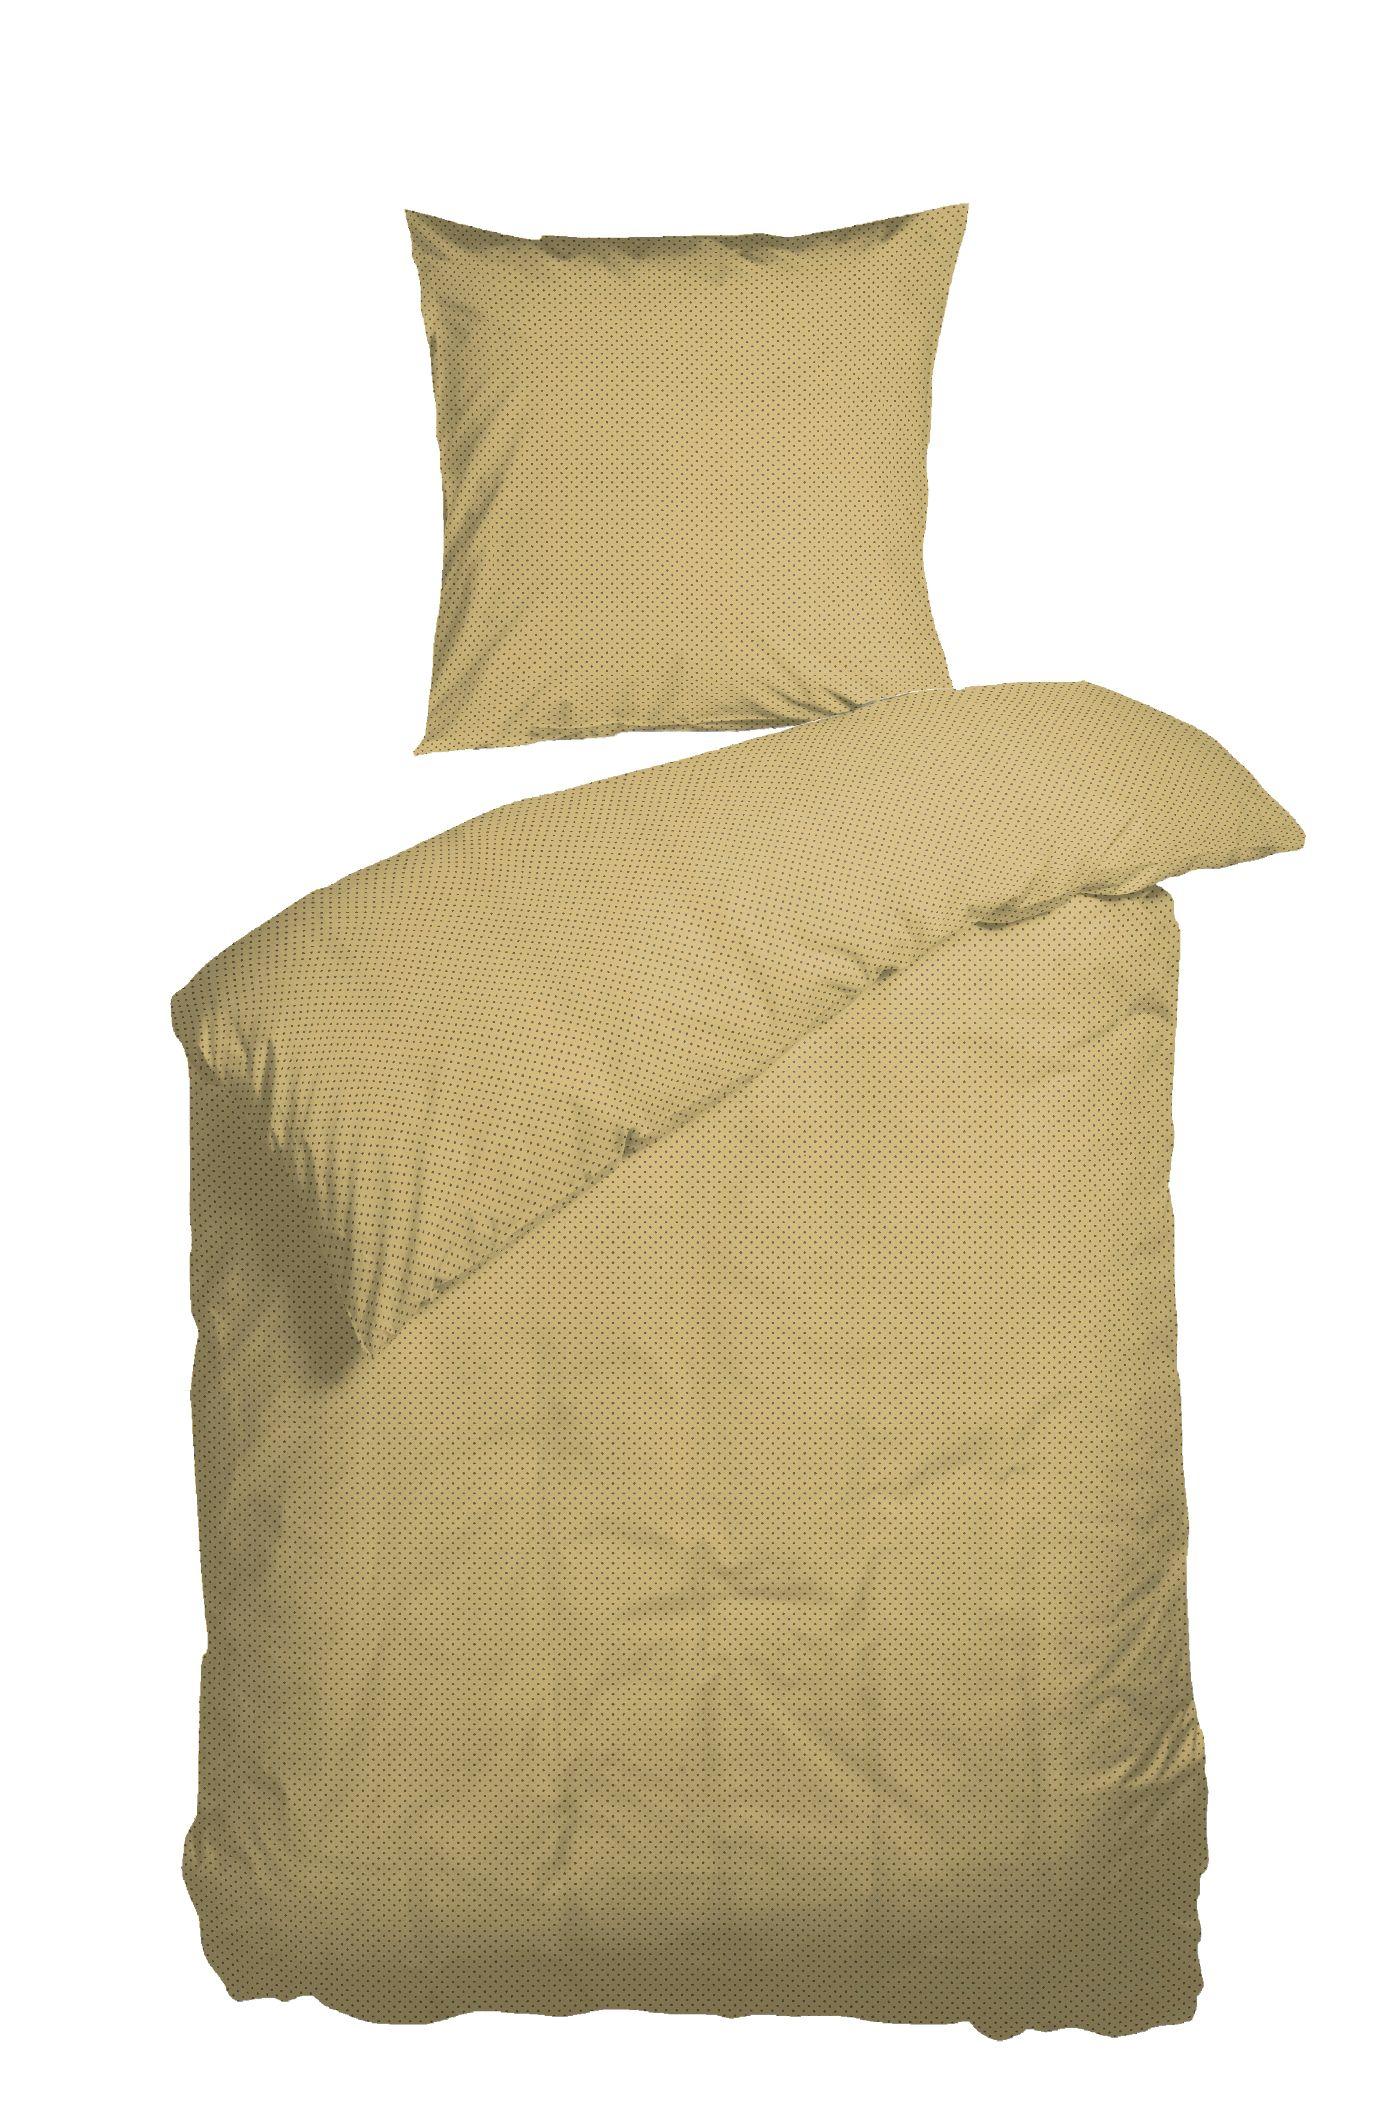 Nordisk Tekstil Morning Dew sengelinned, 140x220 cm, yellow